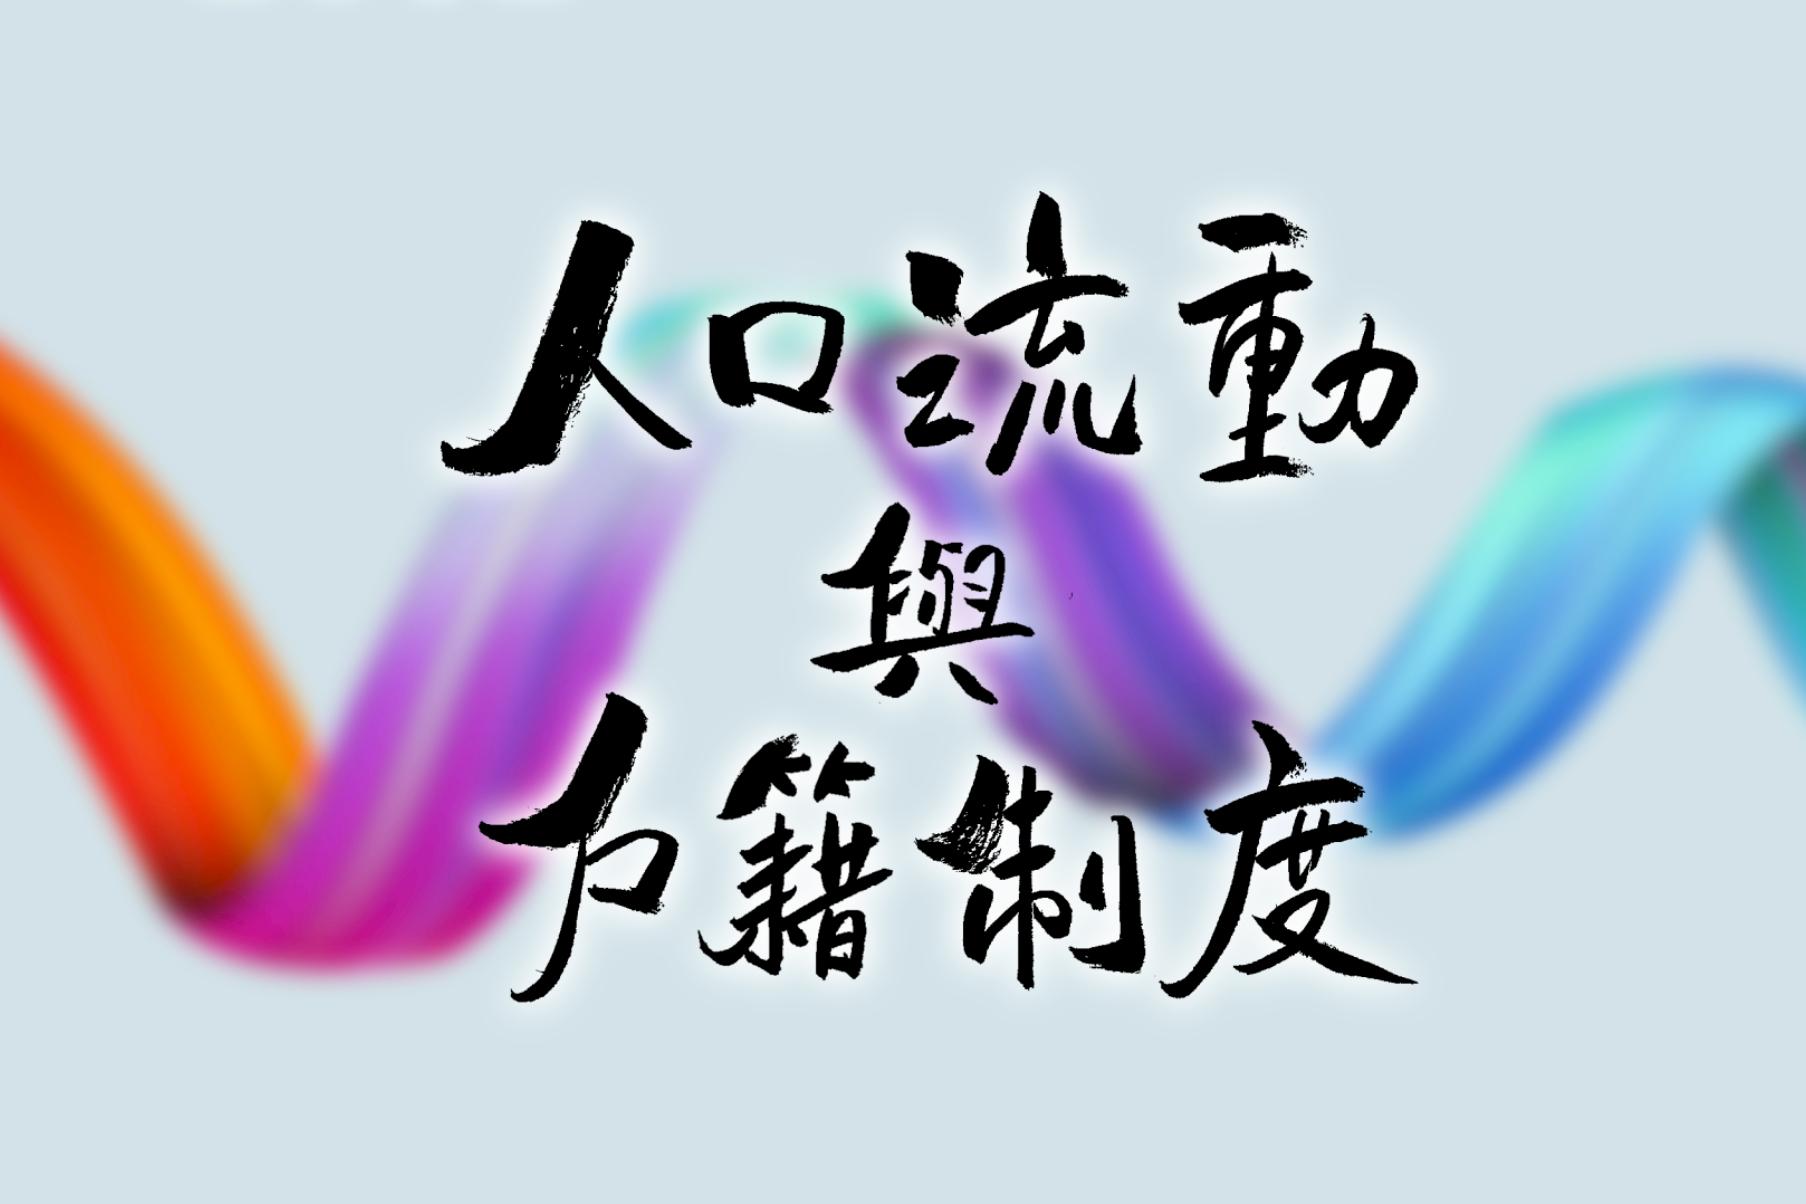 pingmukuaizhao_2020-02-19_xiawu4.28.47